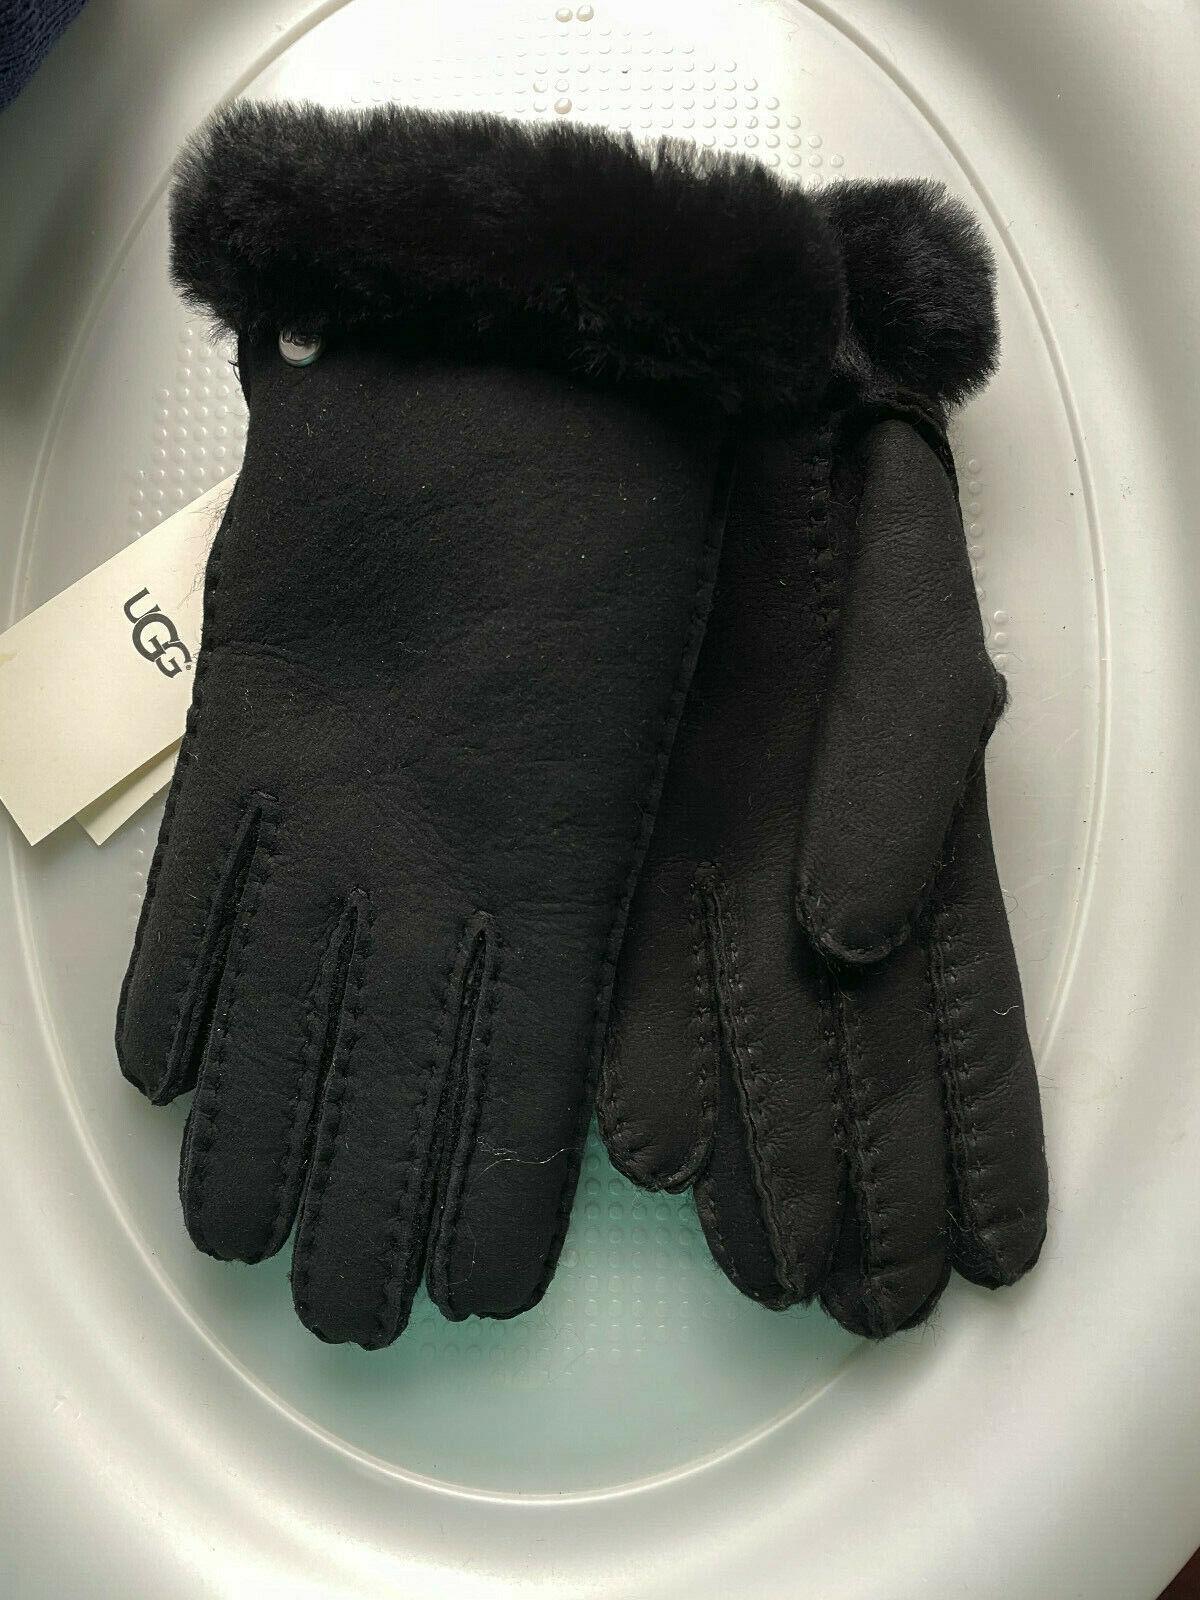 UGG SHEEPSKIN Glove W FUR 15108 WOMENS SIZE M MEDIUM BLACK NEW *Z17*